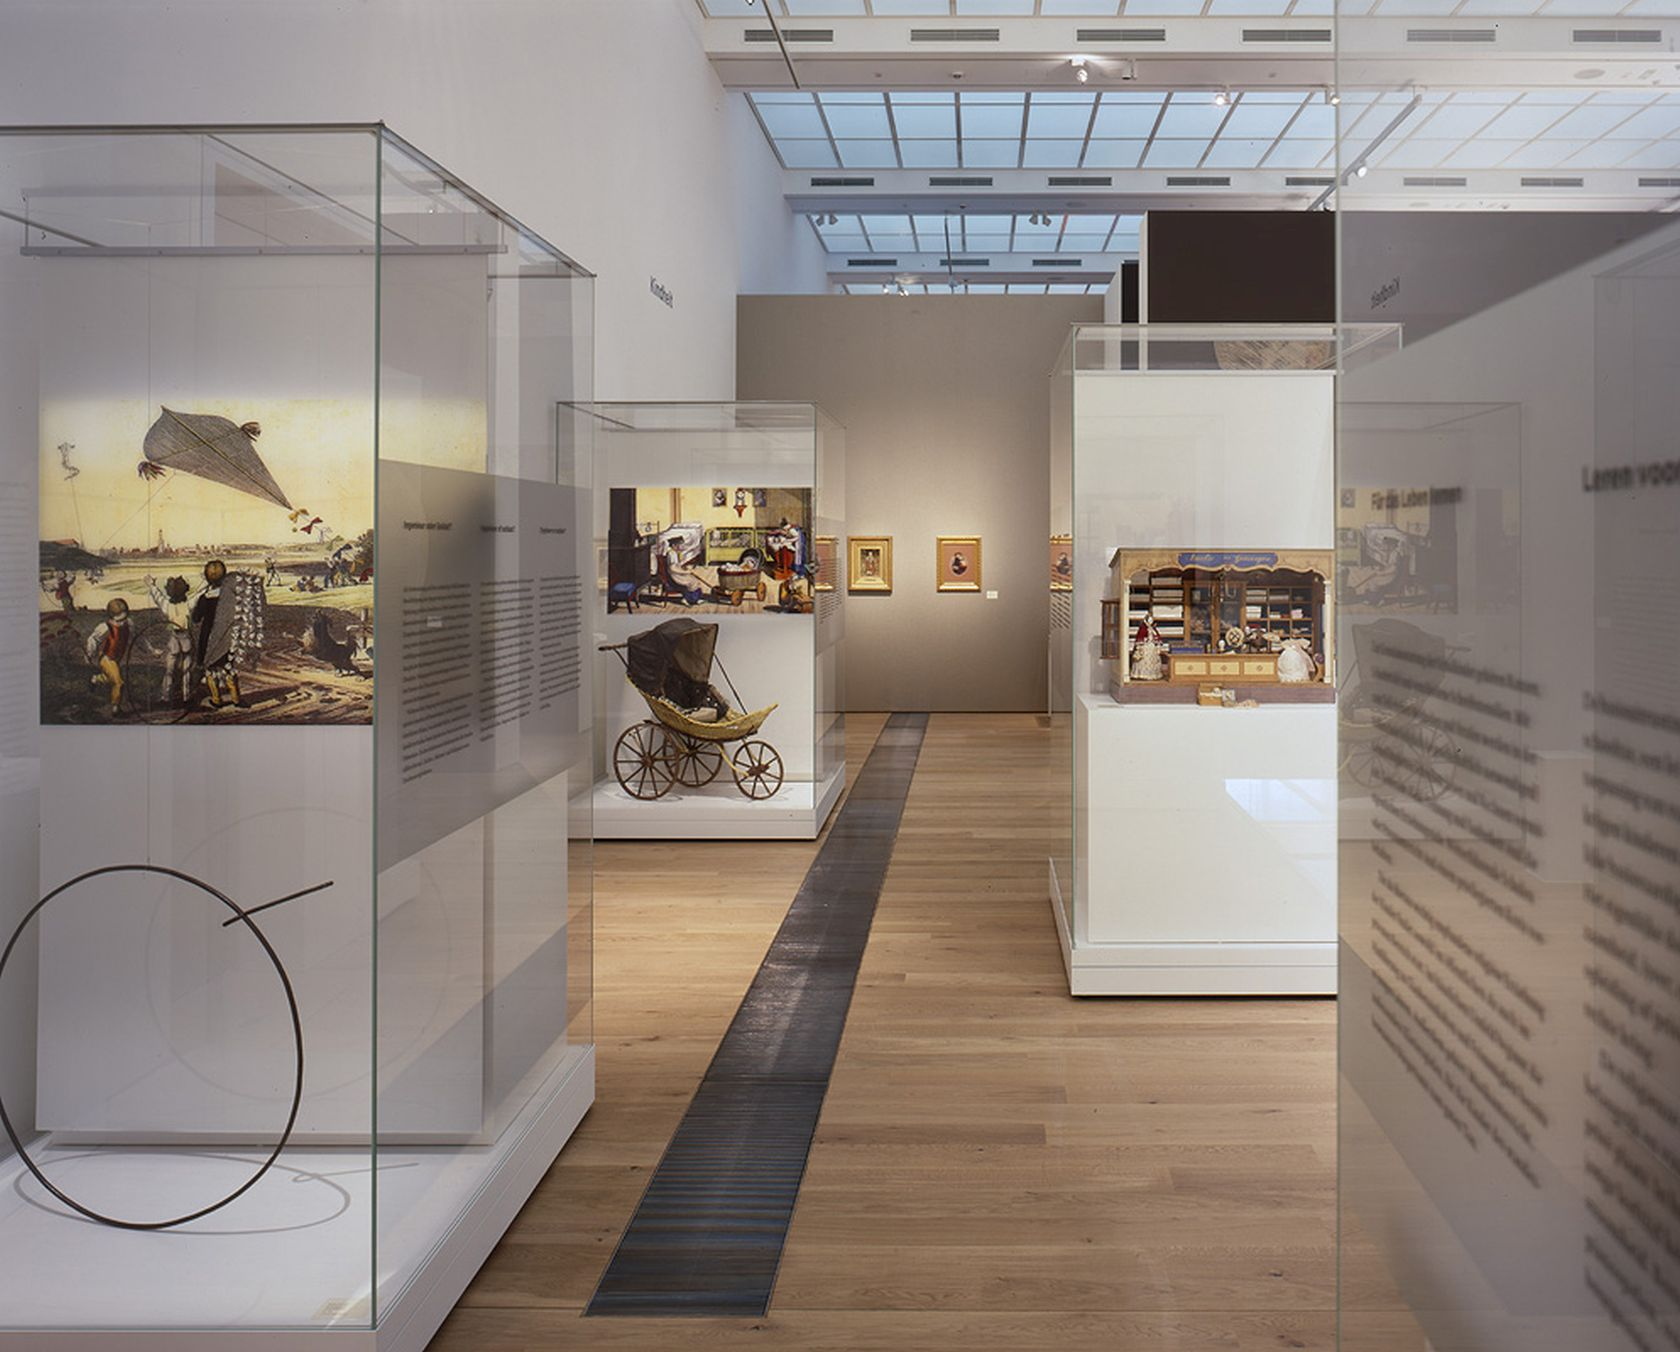 Ausstellung DRAI CLEMENS UND AUGUST-003